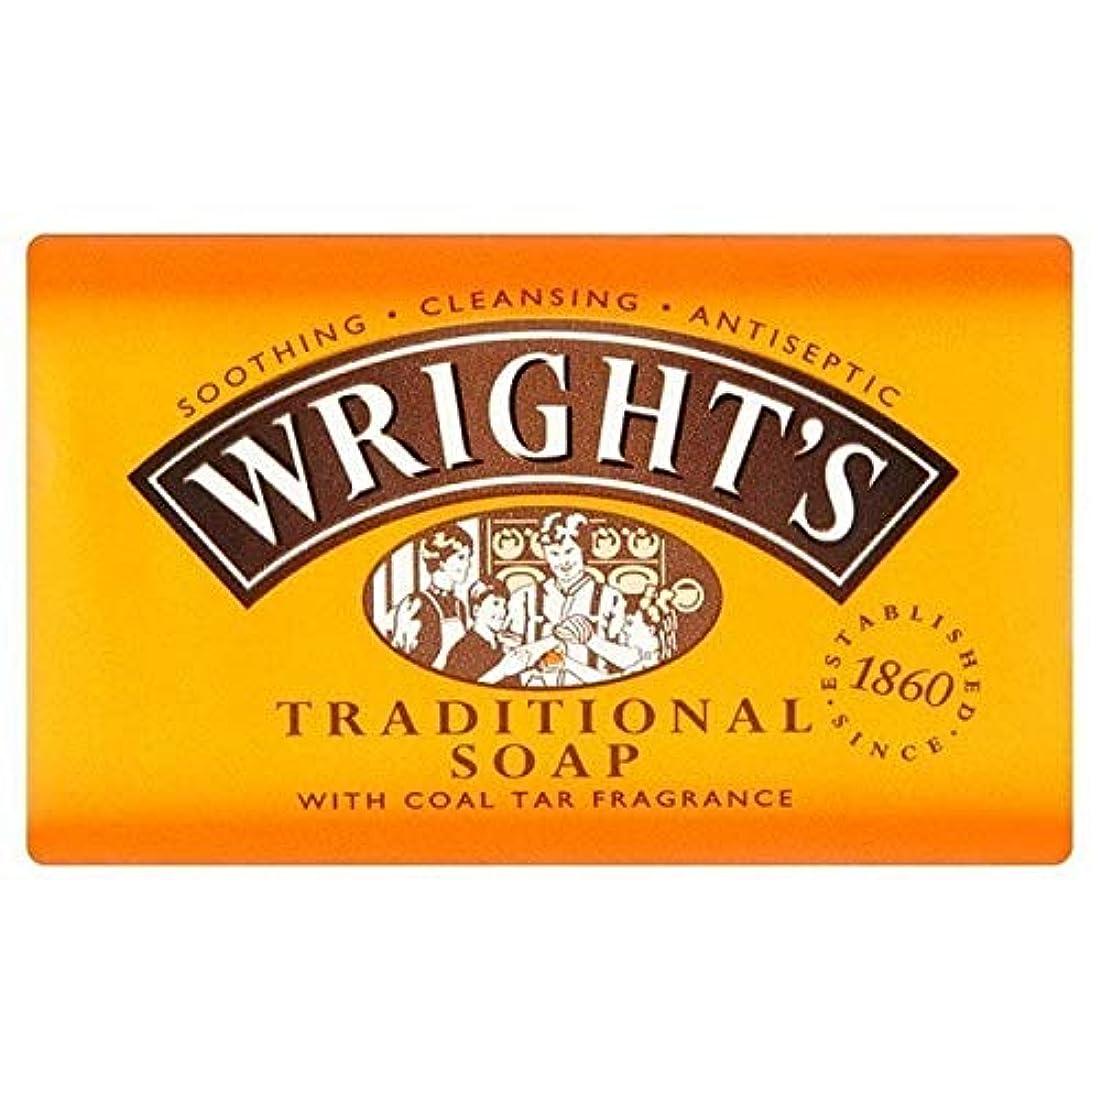 肥沃な予感サーバ[Wright's ] ライトのコールタール石鹸の125グラム - Wright's Coal Tar Bar Soap 125g [並行輸入品]